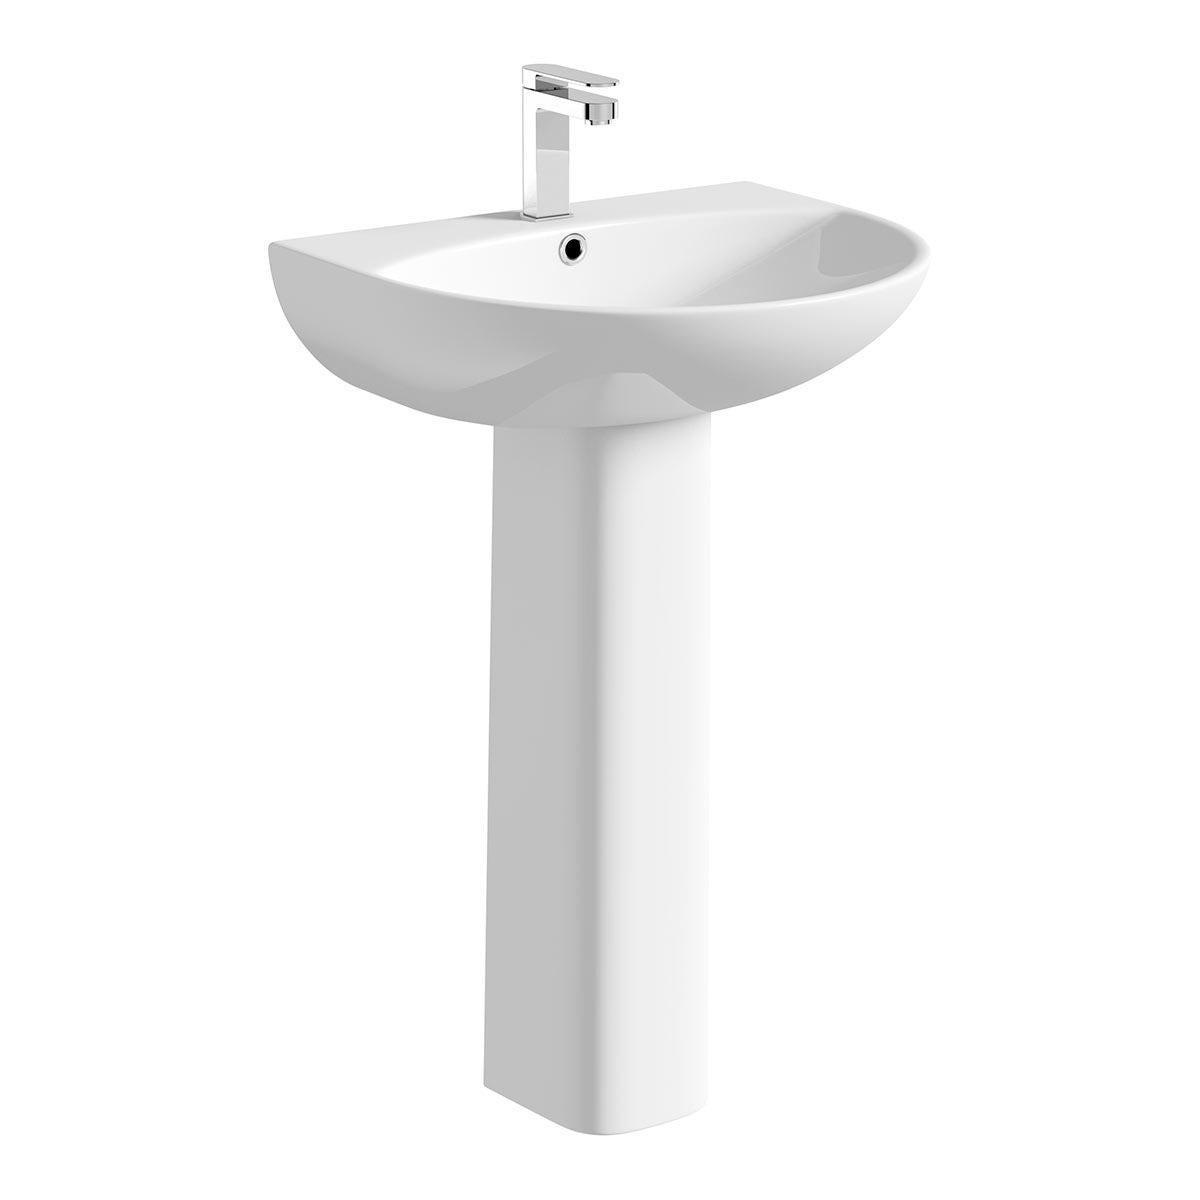 Orchard Derwent round 1 tap hole full pedestal basin 550mm with waste